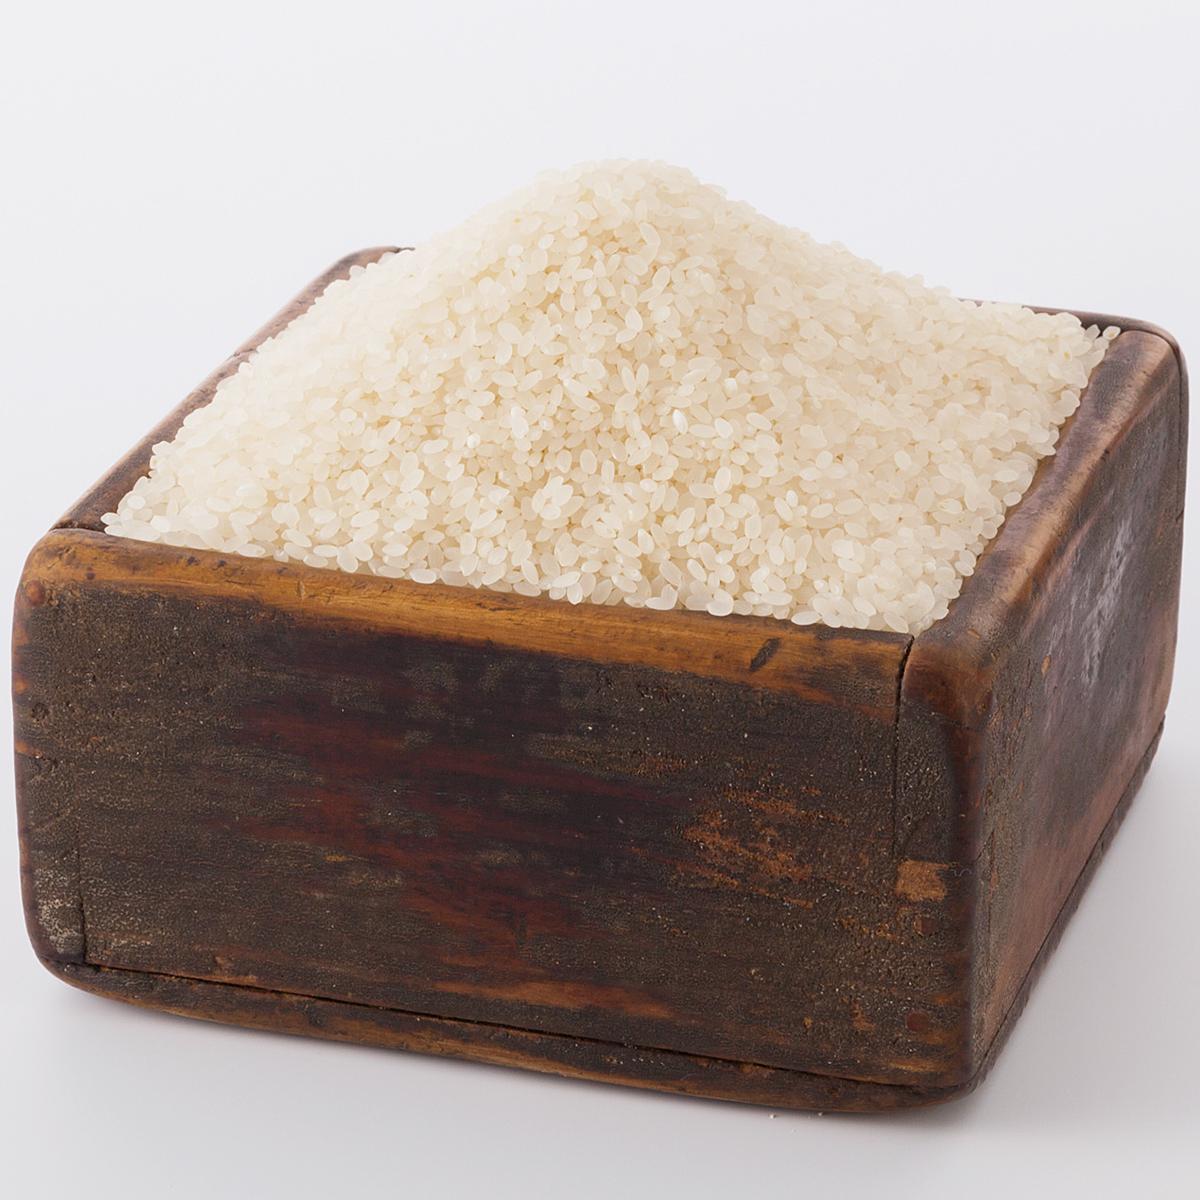 有機無農薬米「だーぶりっ子米」